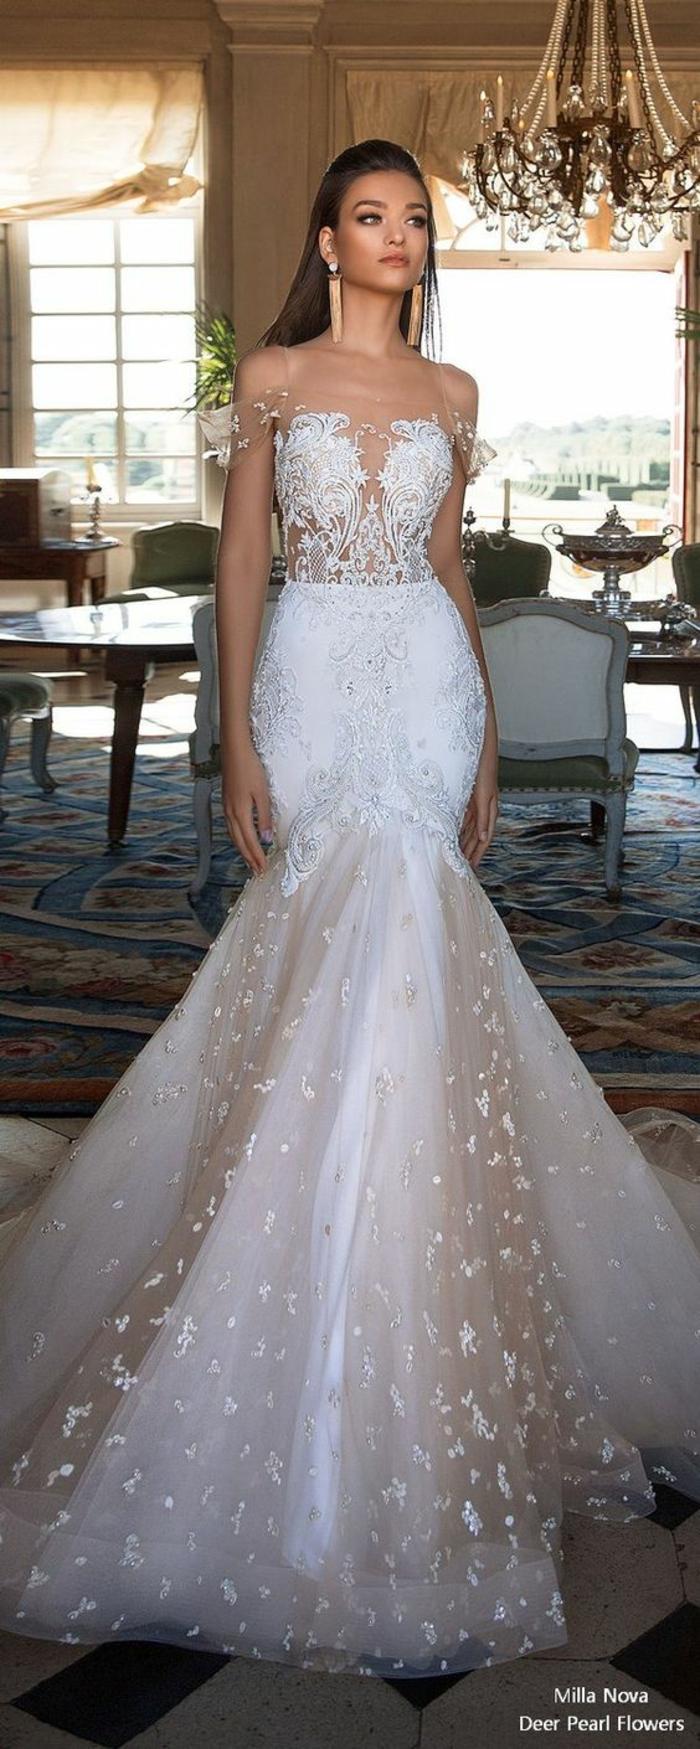 robe de mariée moulante, robe mariage sirene, robe sirène dentelle, bustier rendu précieux avec des éléments en fil argenté, pétales au fil d'or sur toute la longueur de la jupe